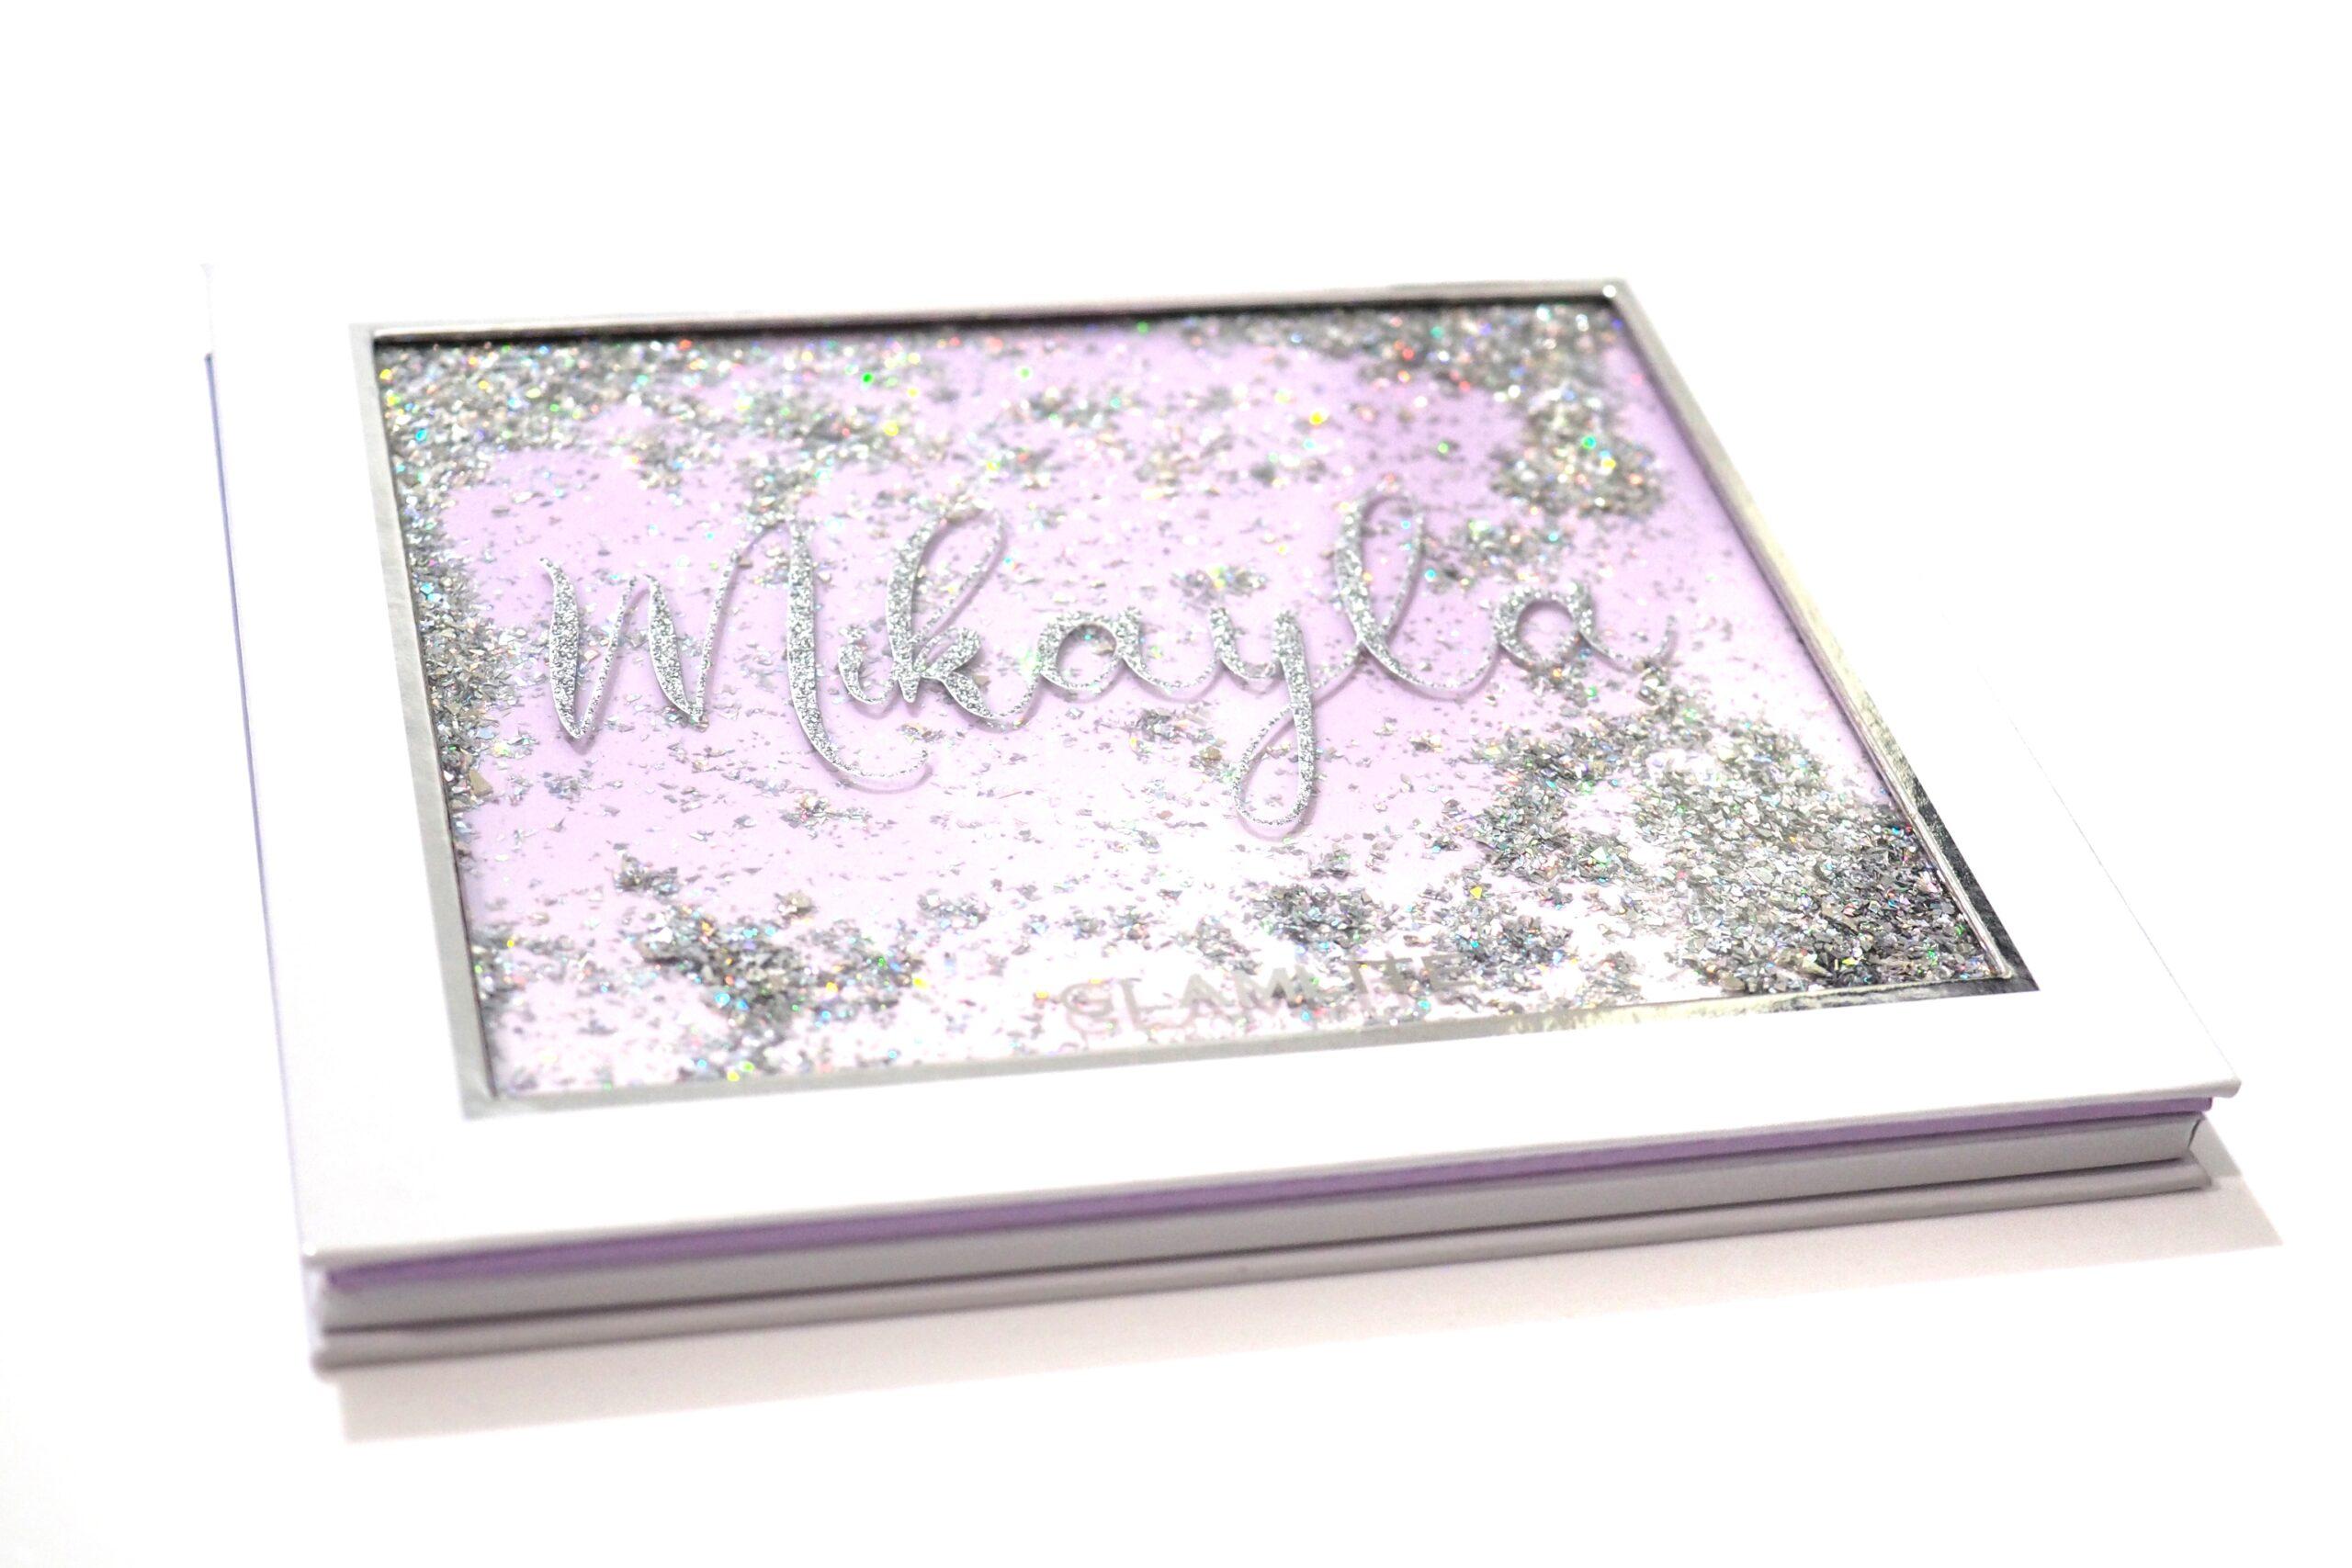 Mikayla x Glamlite Eyeshadow Palette Giveaway!